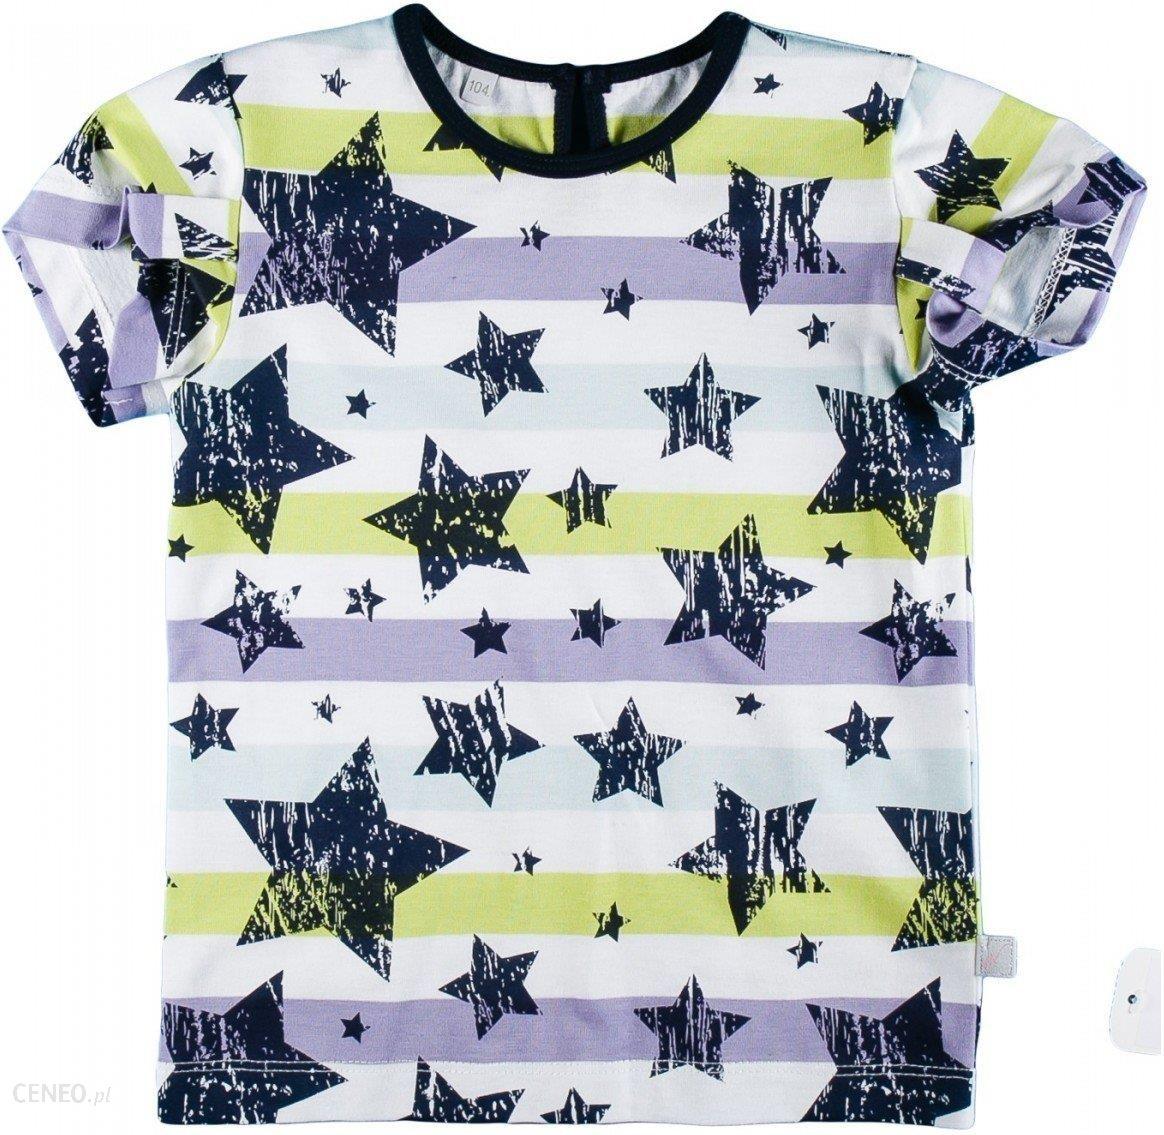 675ab65b8 Dadak, T-shirt dziewczęcy z krótkim rękawem, Gwiazdy, rozmiar 134 - zdjęcie